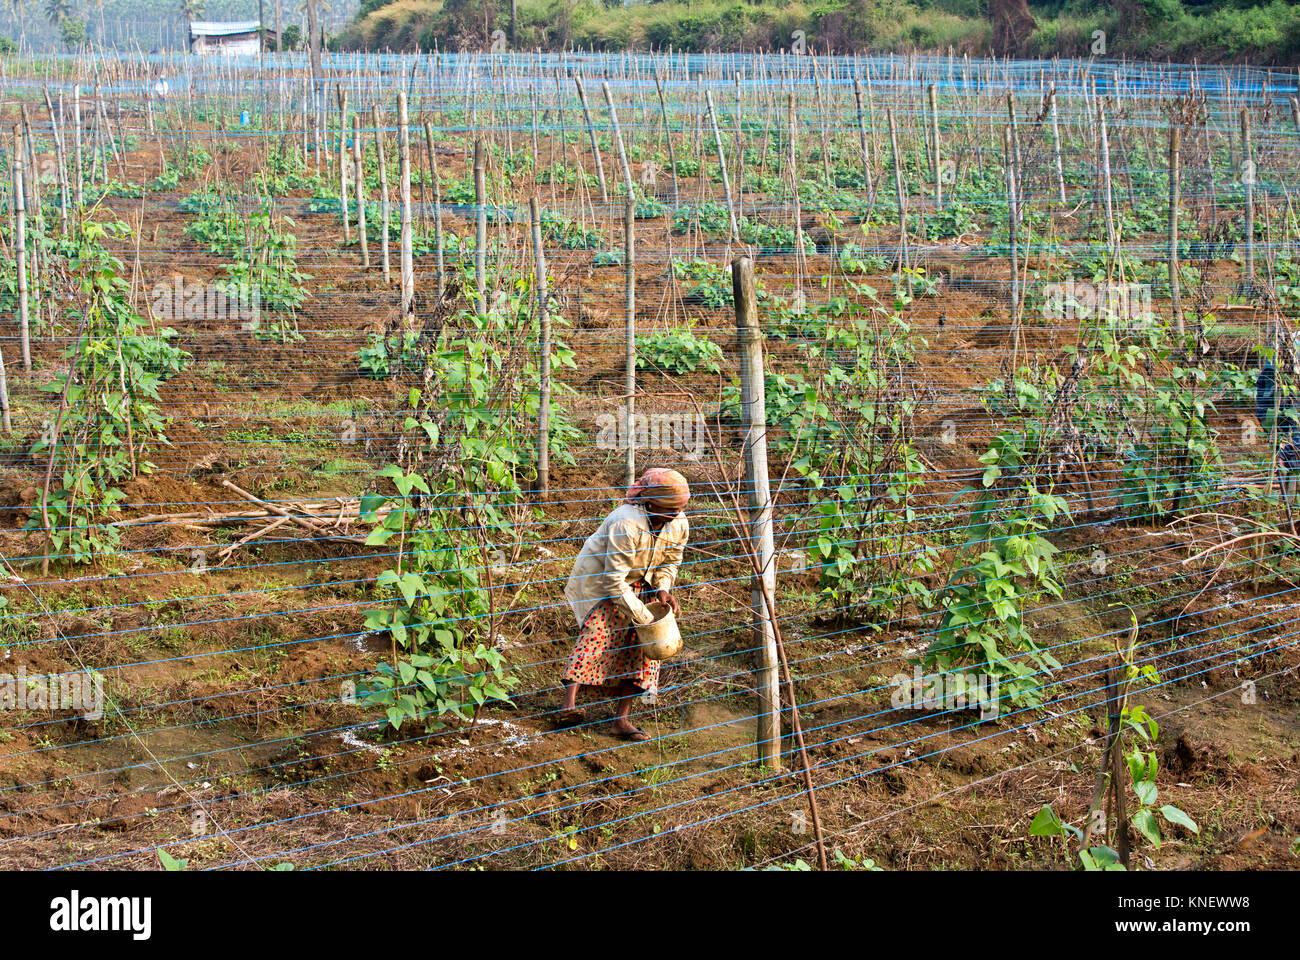 Farmer Kerala Stock Photos & Farmer Kerala Stock Images - Alamy